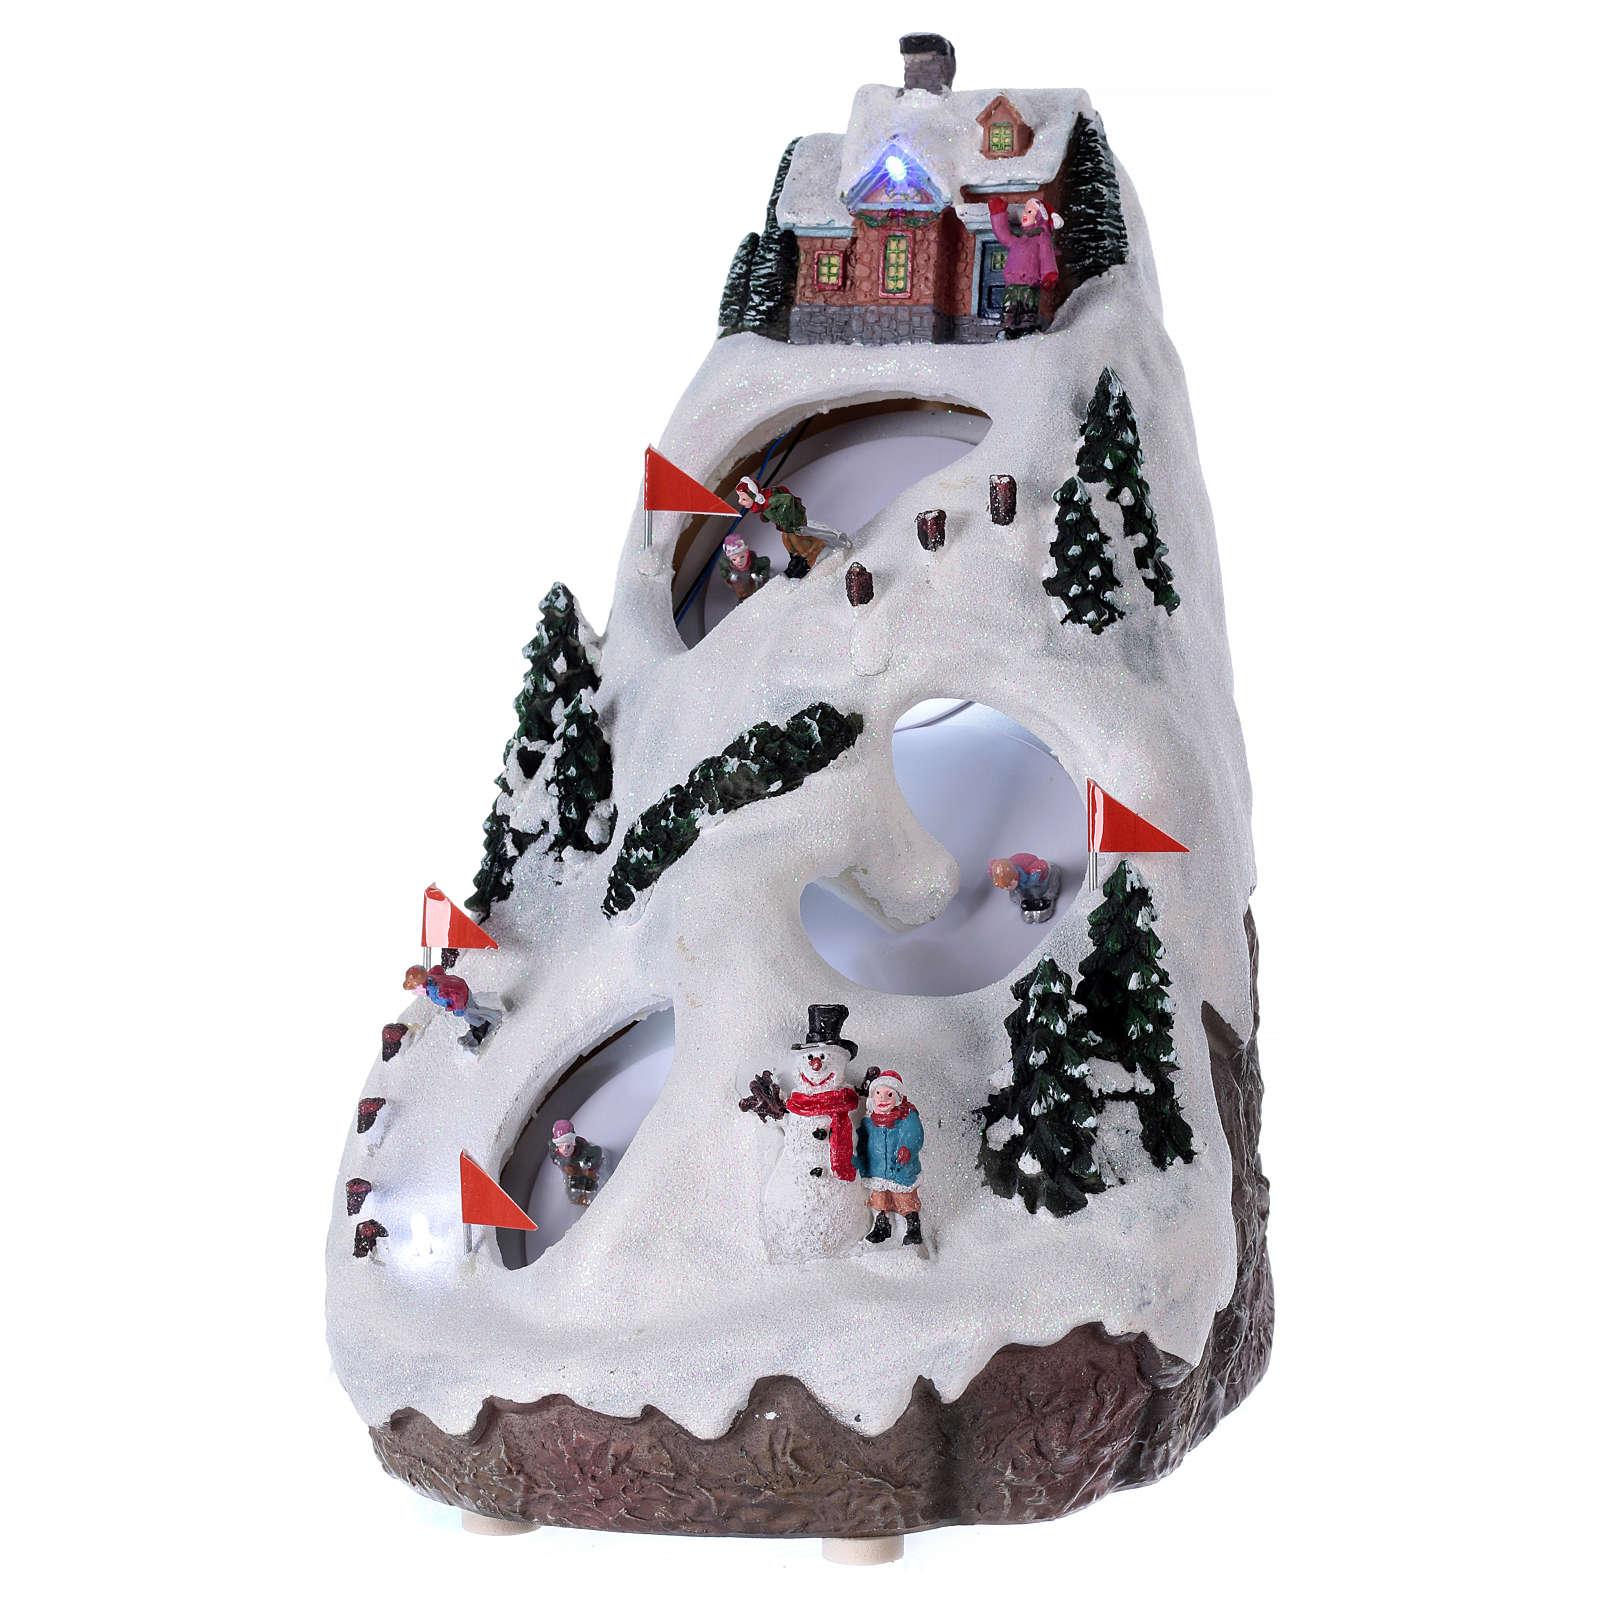 Villaggio natalizio luminoso musicale movimento sciatori 28X19X23 cm 3